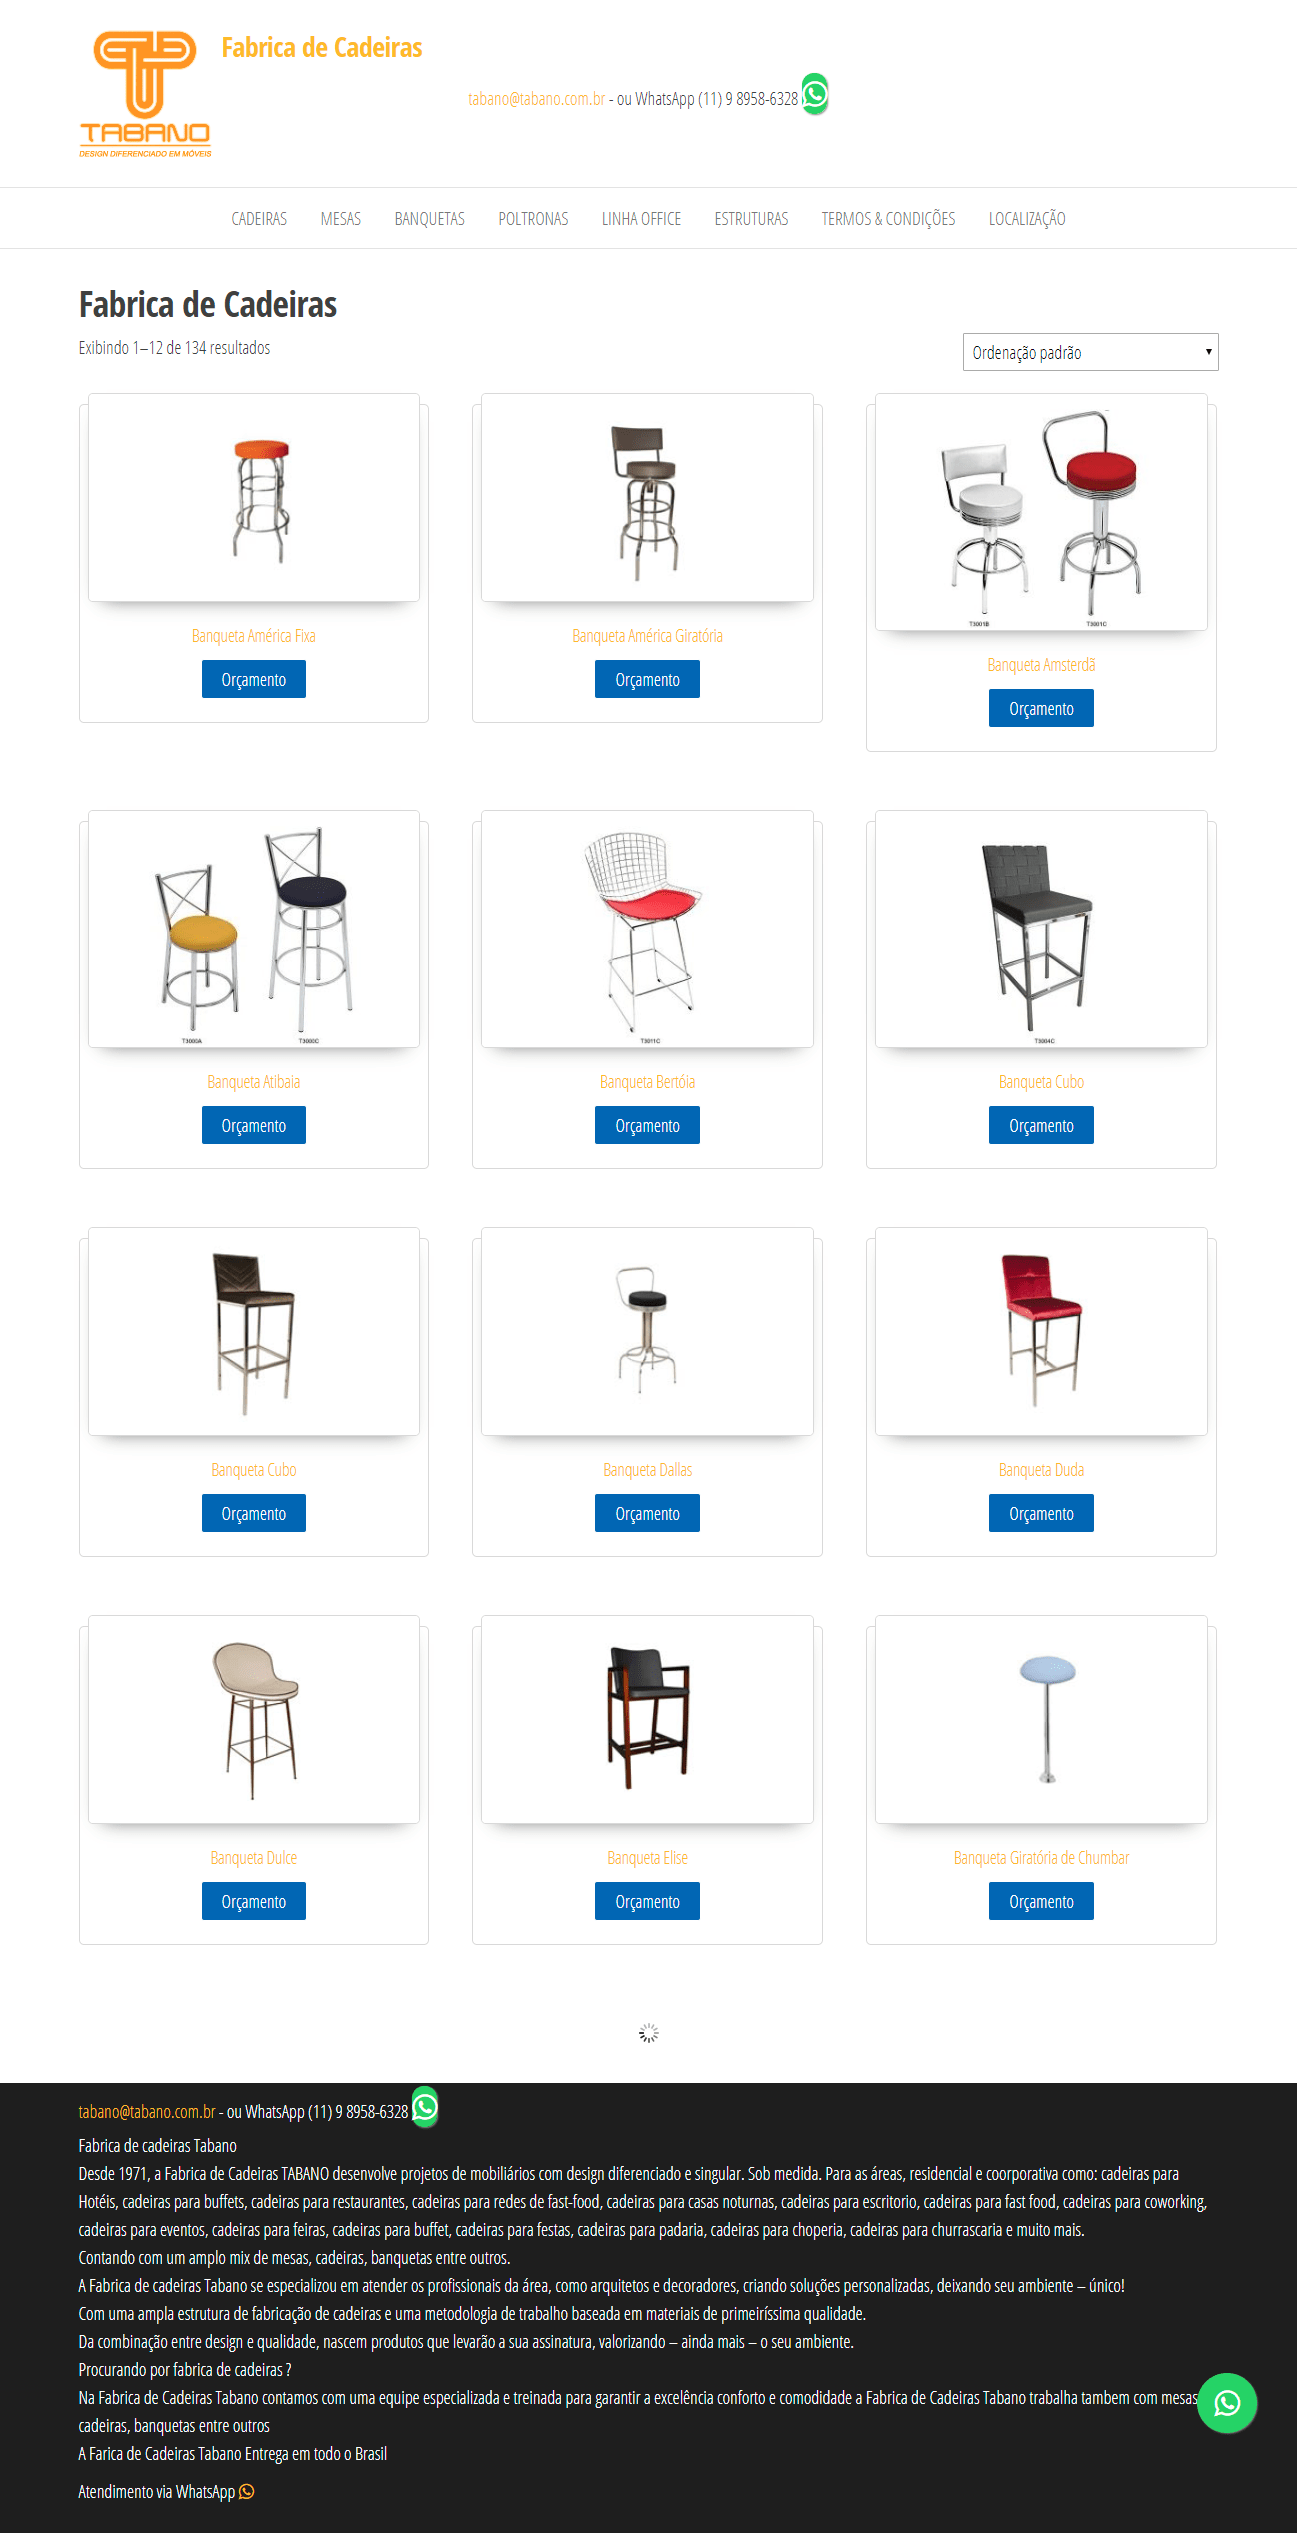 loja virtual fabrica de cadeiras